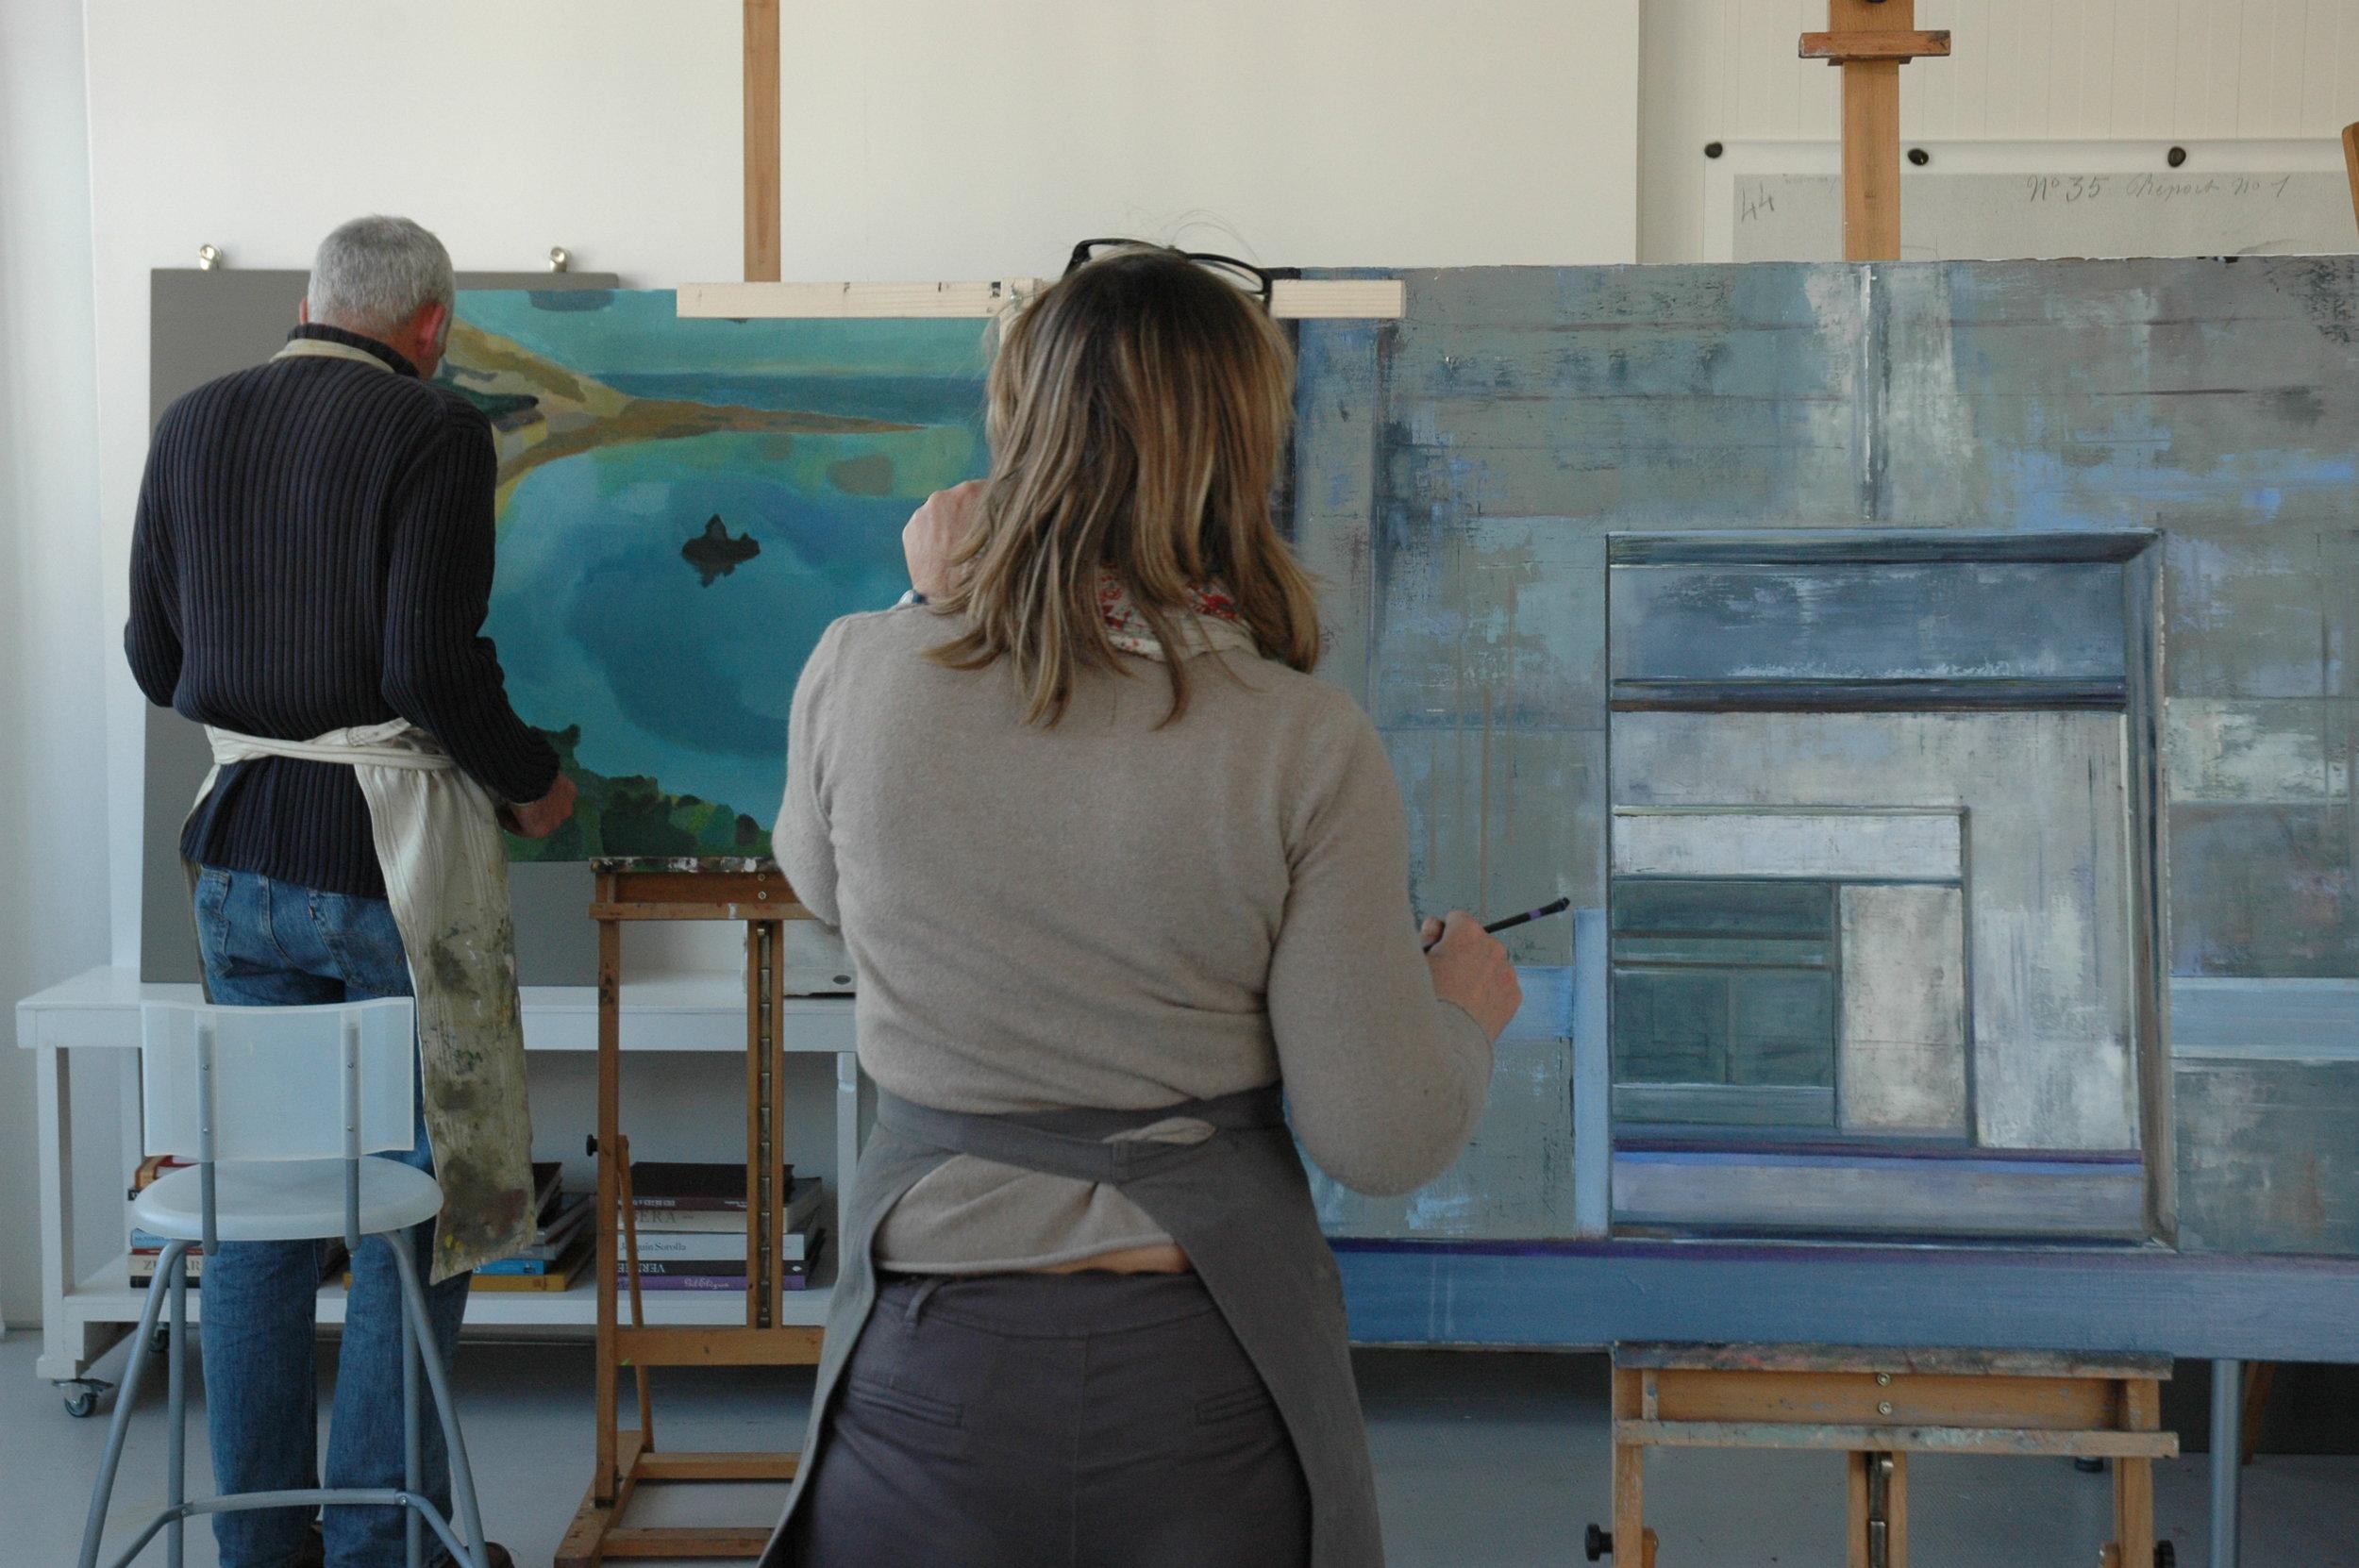 cours-peinture-dessin-vincennes-fontenay-sous-bois.jpg